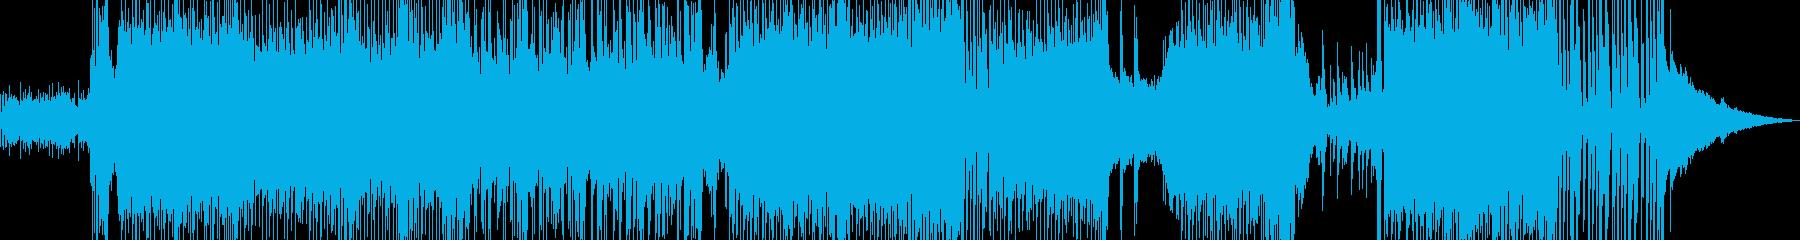 カラフルな雰囲気に適したテクノポップの再生済みの波形